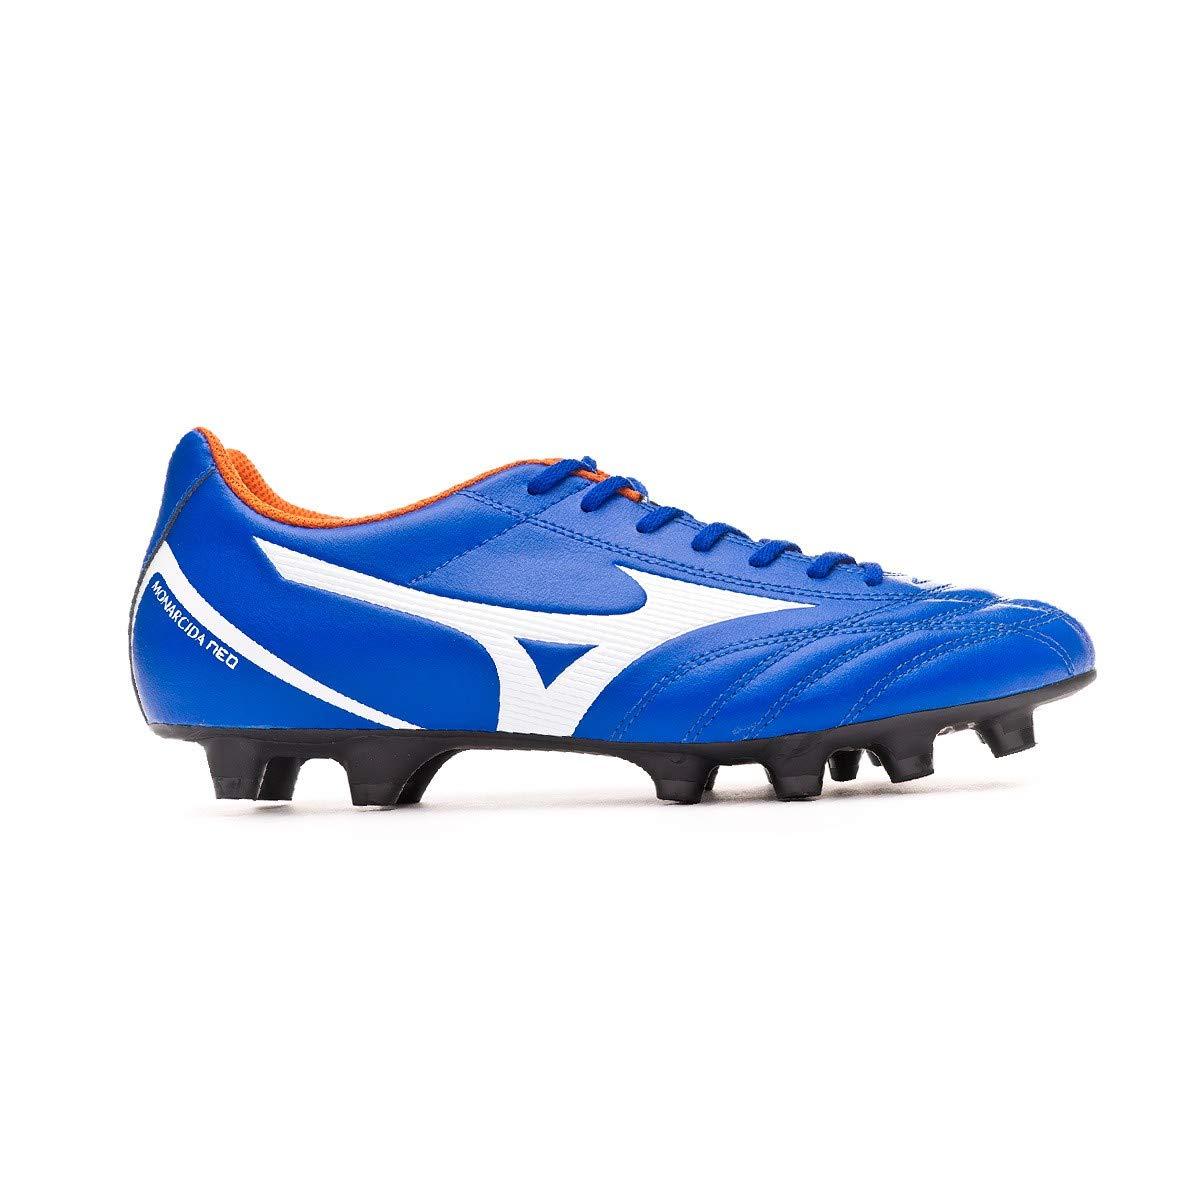 Mizuno Monarcida Neo Select, Scarpe da Calcio, Reflex Blue